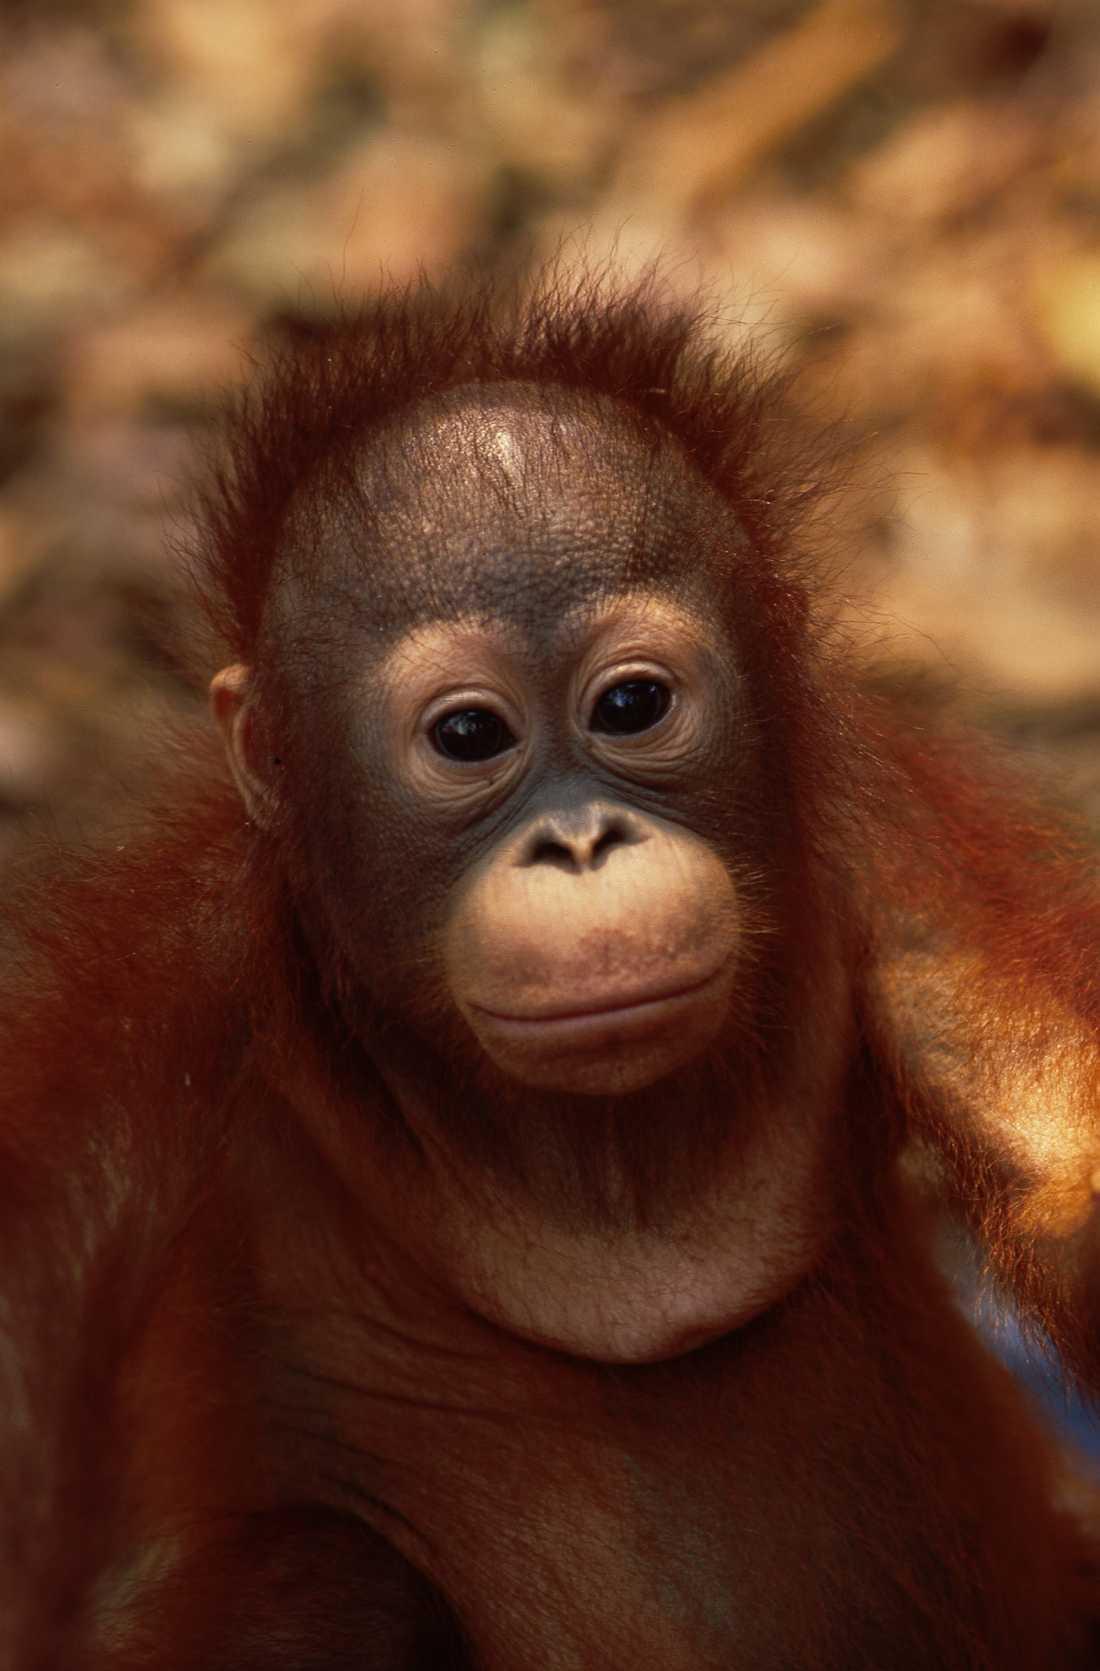 Oljepalmsplantager och tjuvjakt har drabbat orangutangerna på Borneo hårt. Men kanske har man nu lyckats hejda den nedåtgående trenden.